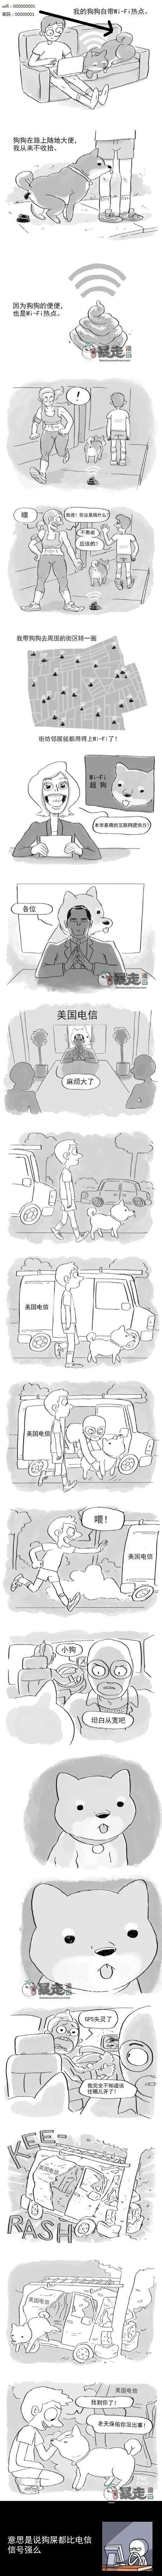 我有一条Wifi狗